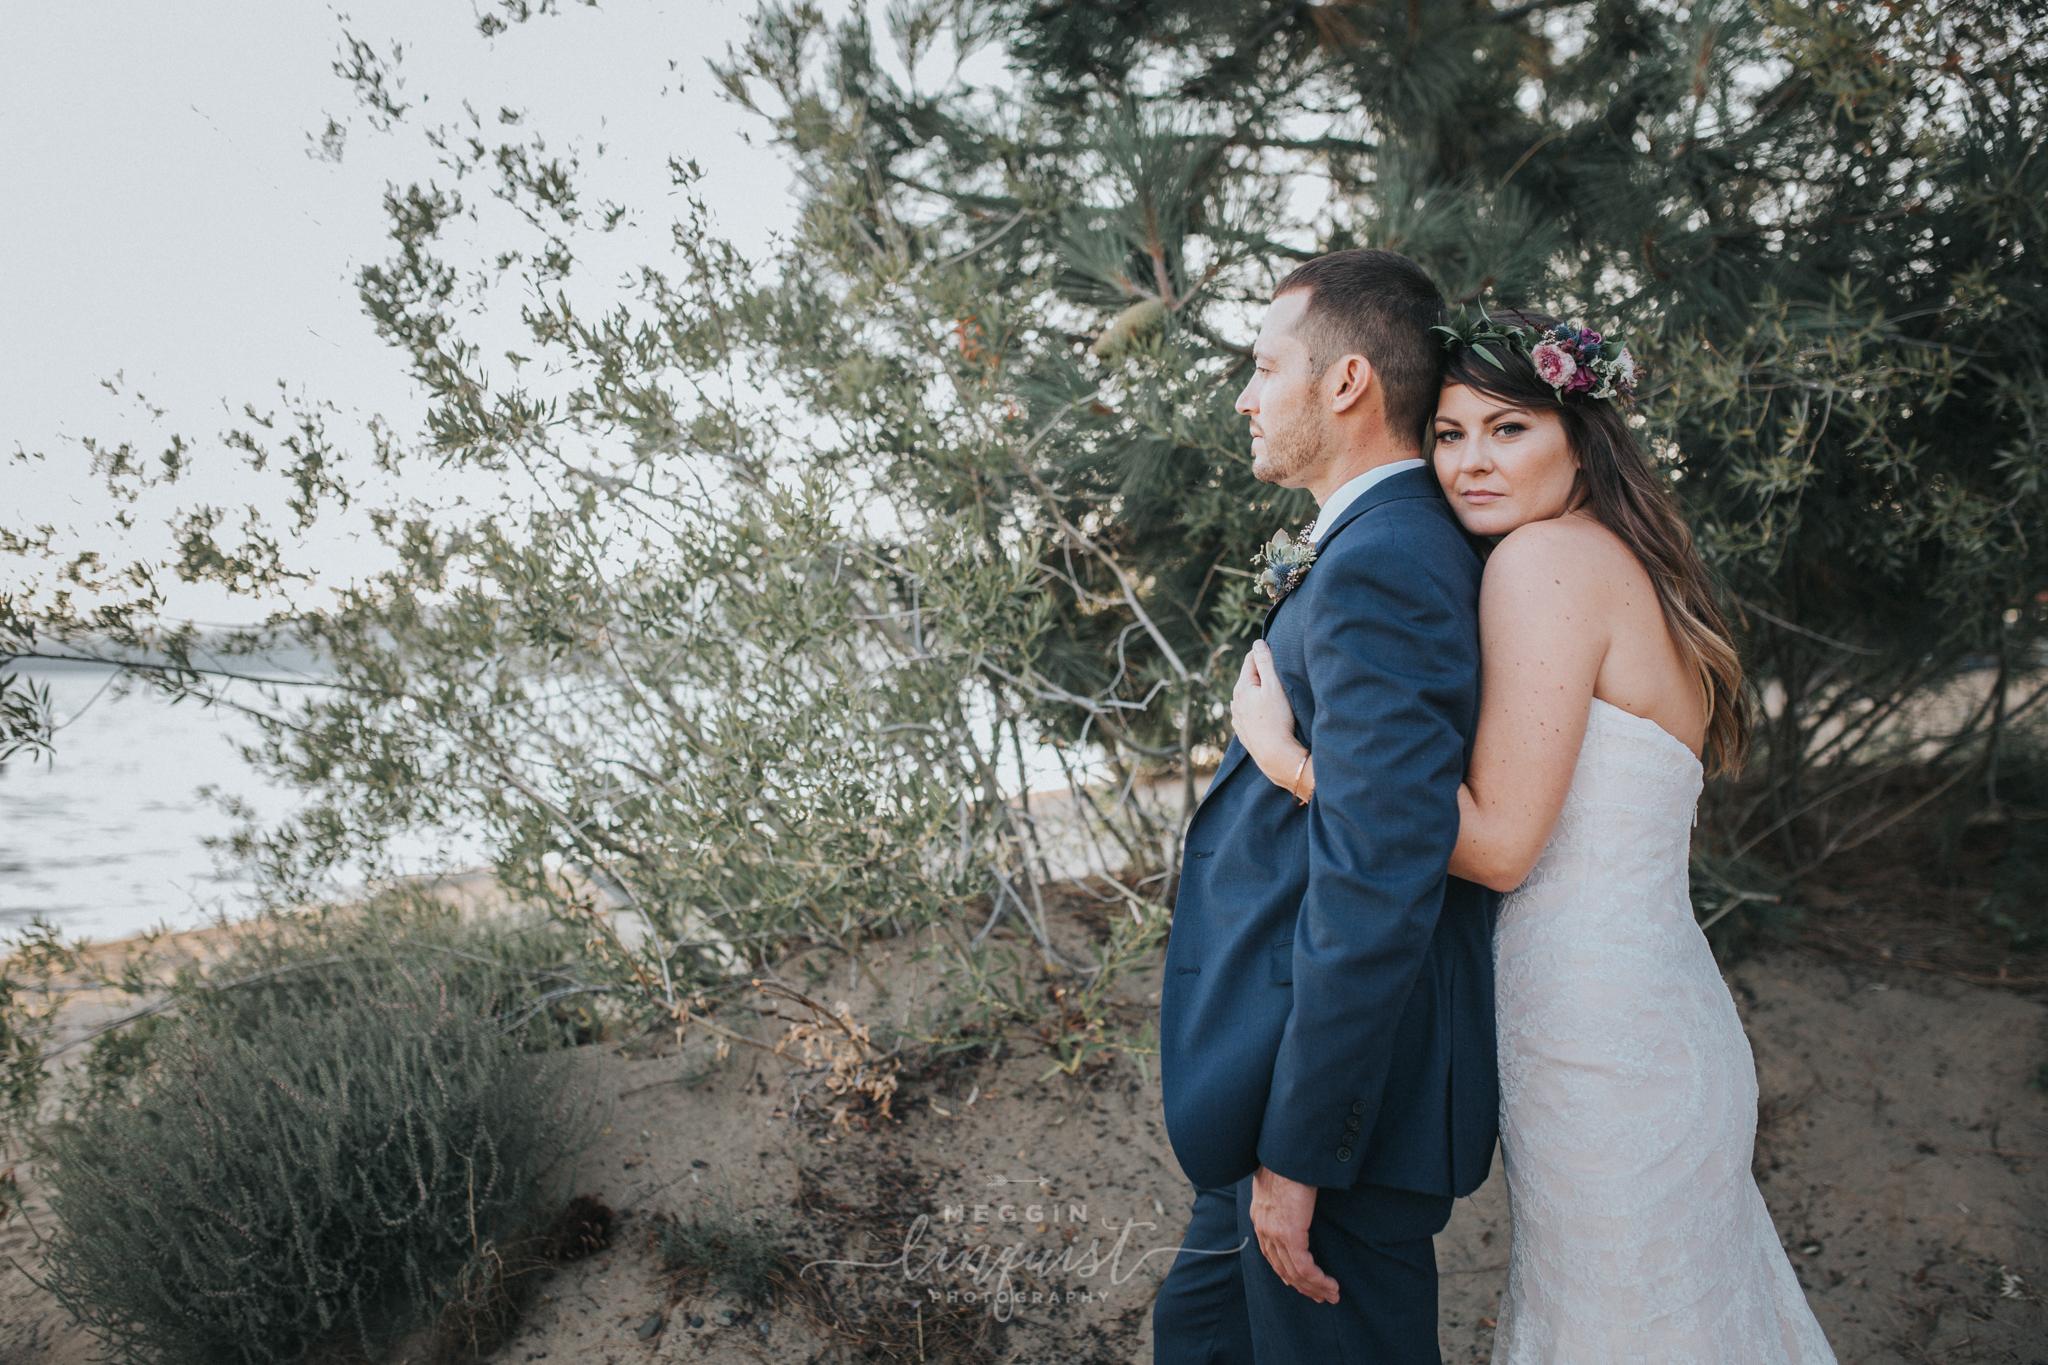 bohemian-style-lake-wedding-reno-lake-tahoe-wedding-photographer-52.jpg